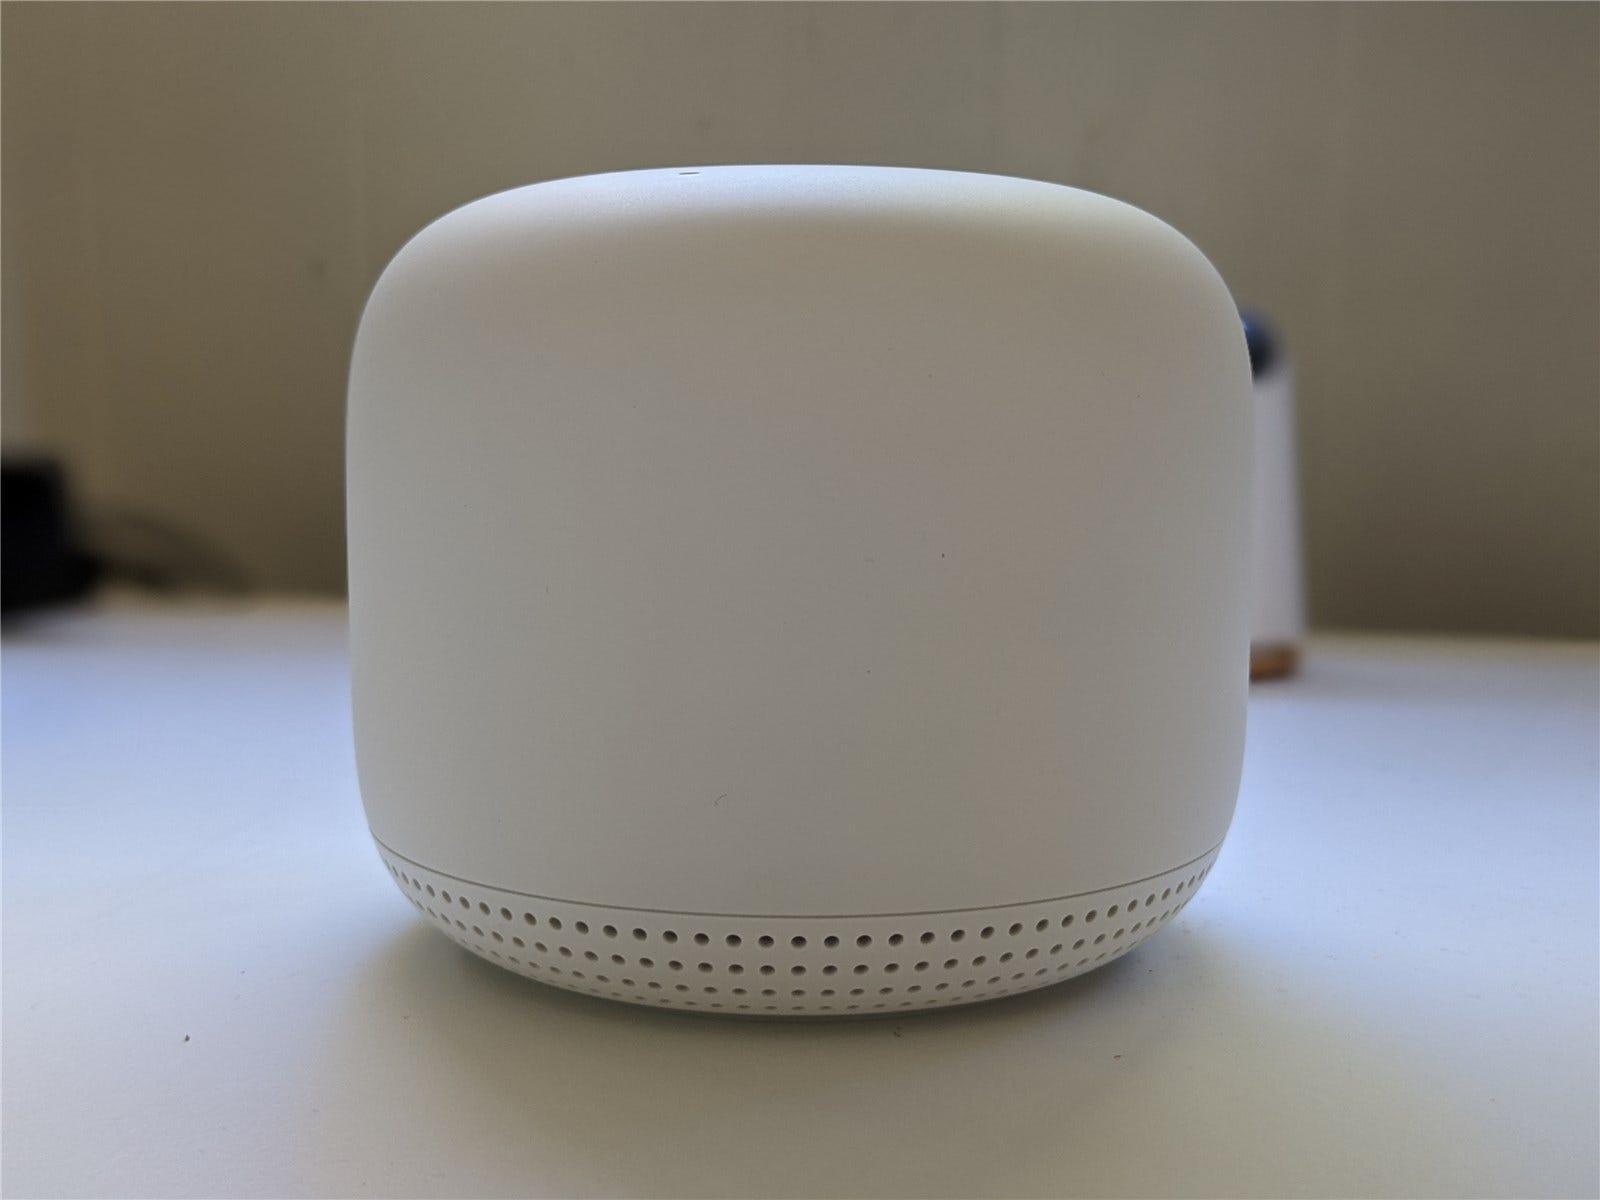 Nest Wifi point